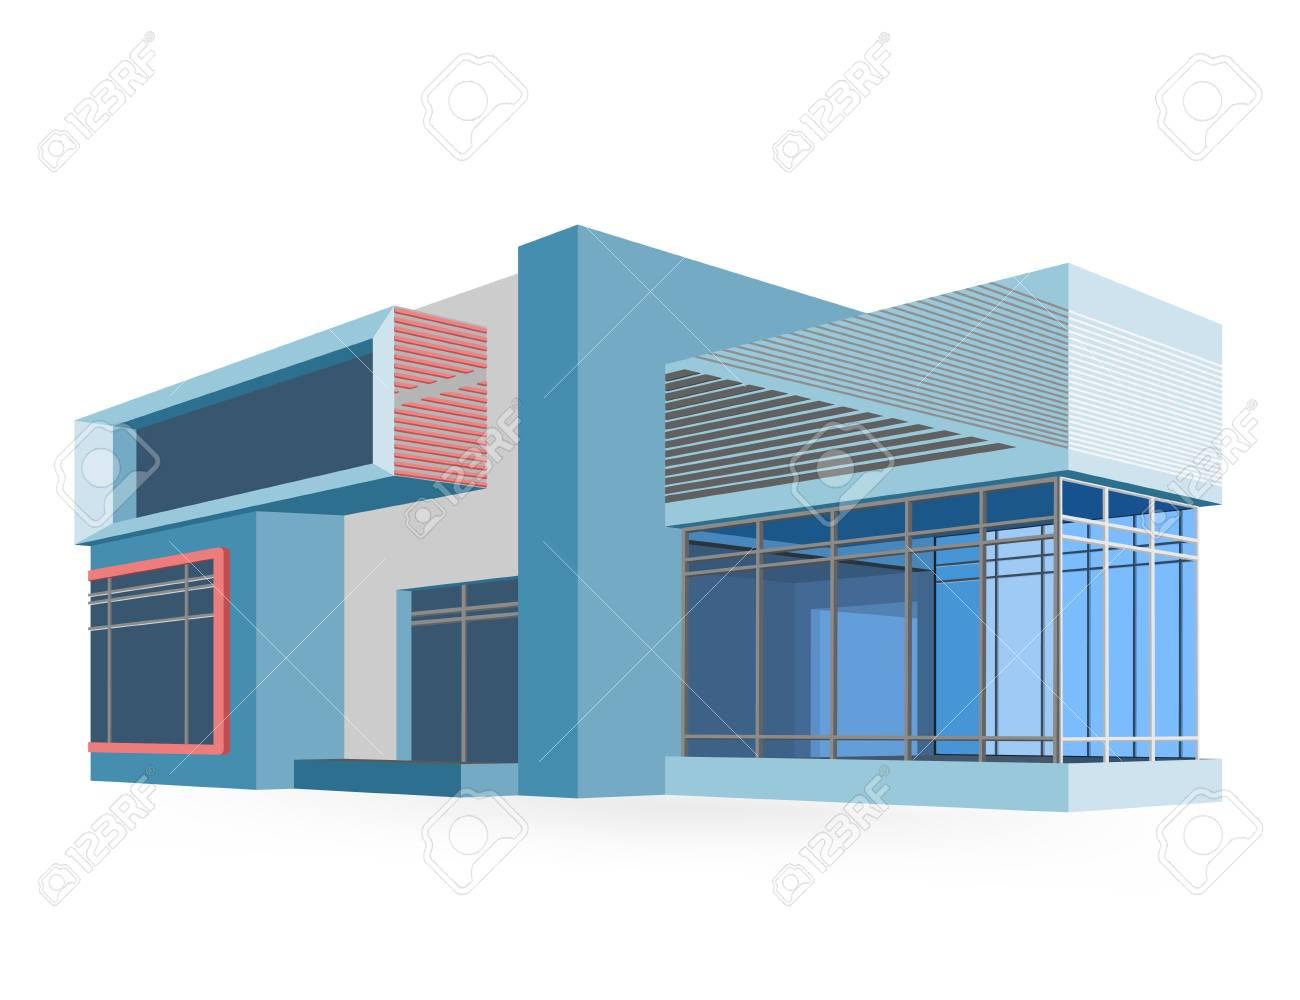 Modèles Maison Moderne Couleurs De Style Dessin Vectoriel Sur Un Fond Blanc